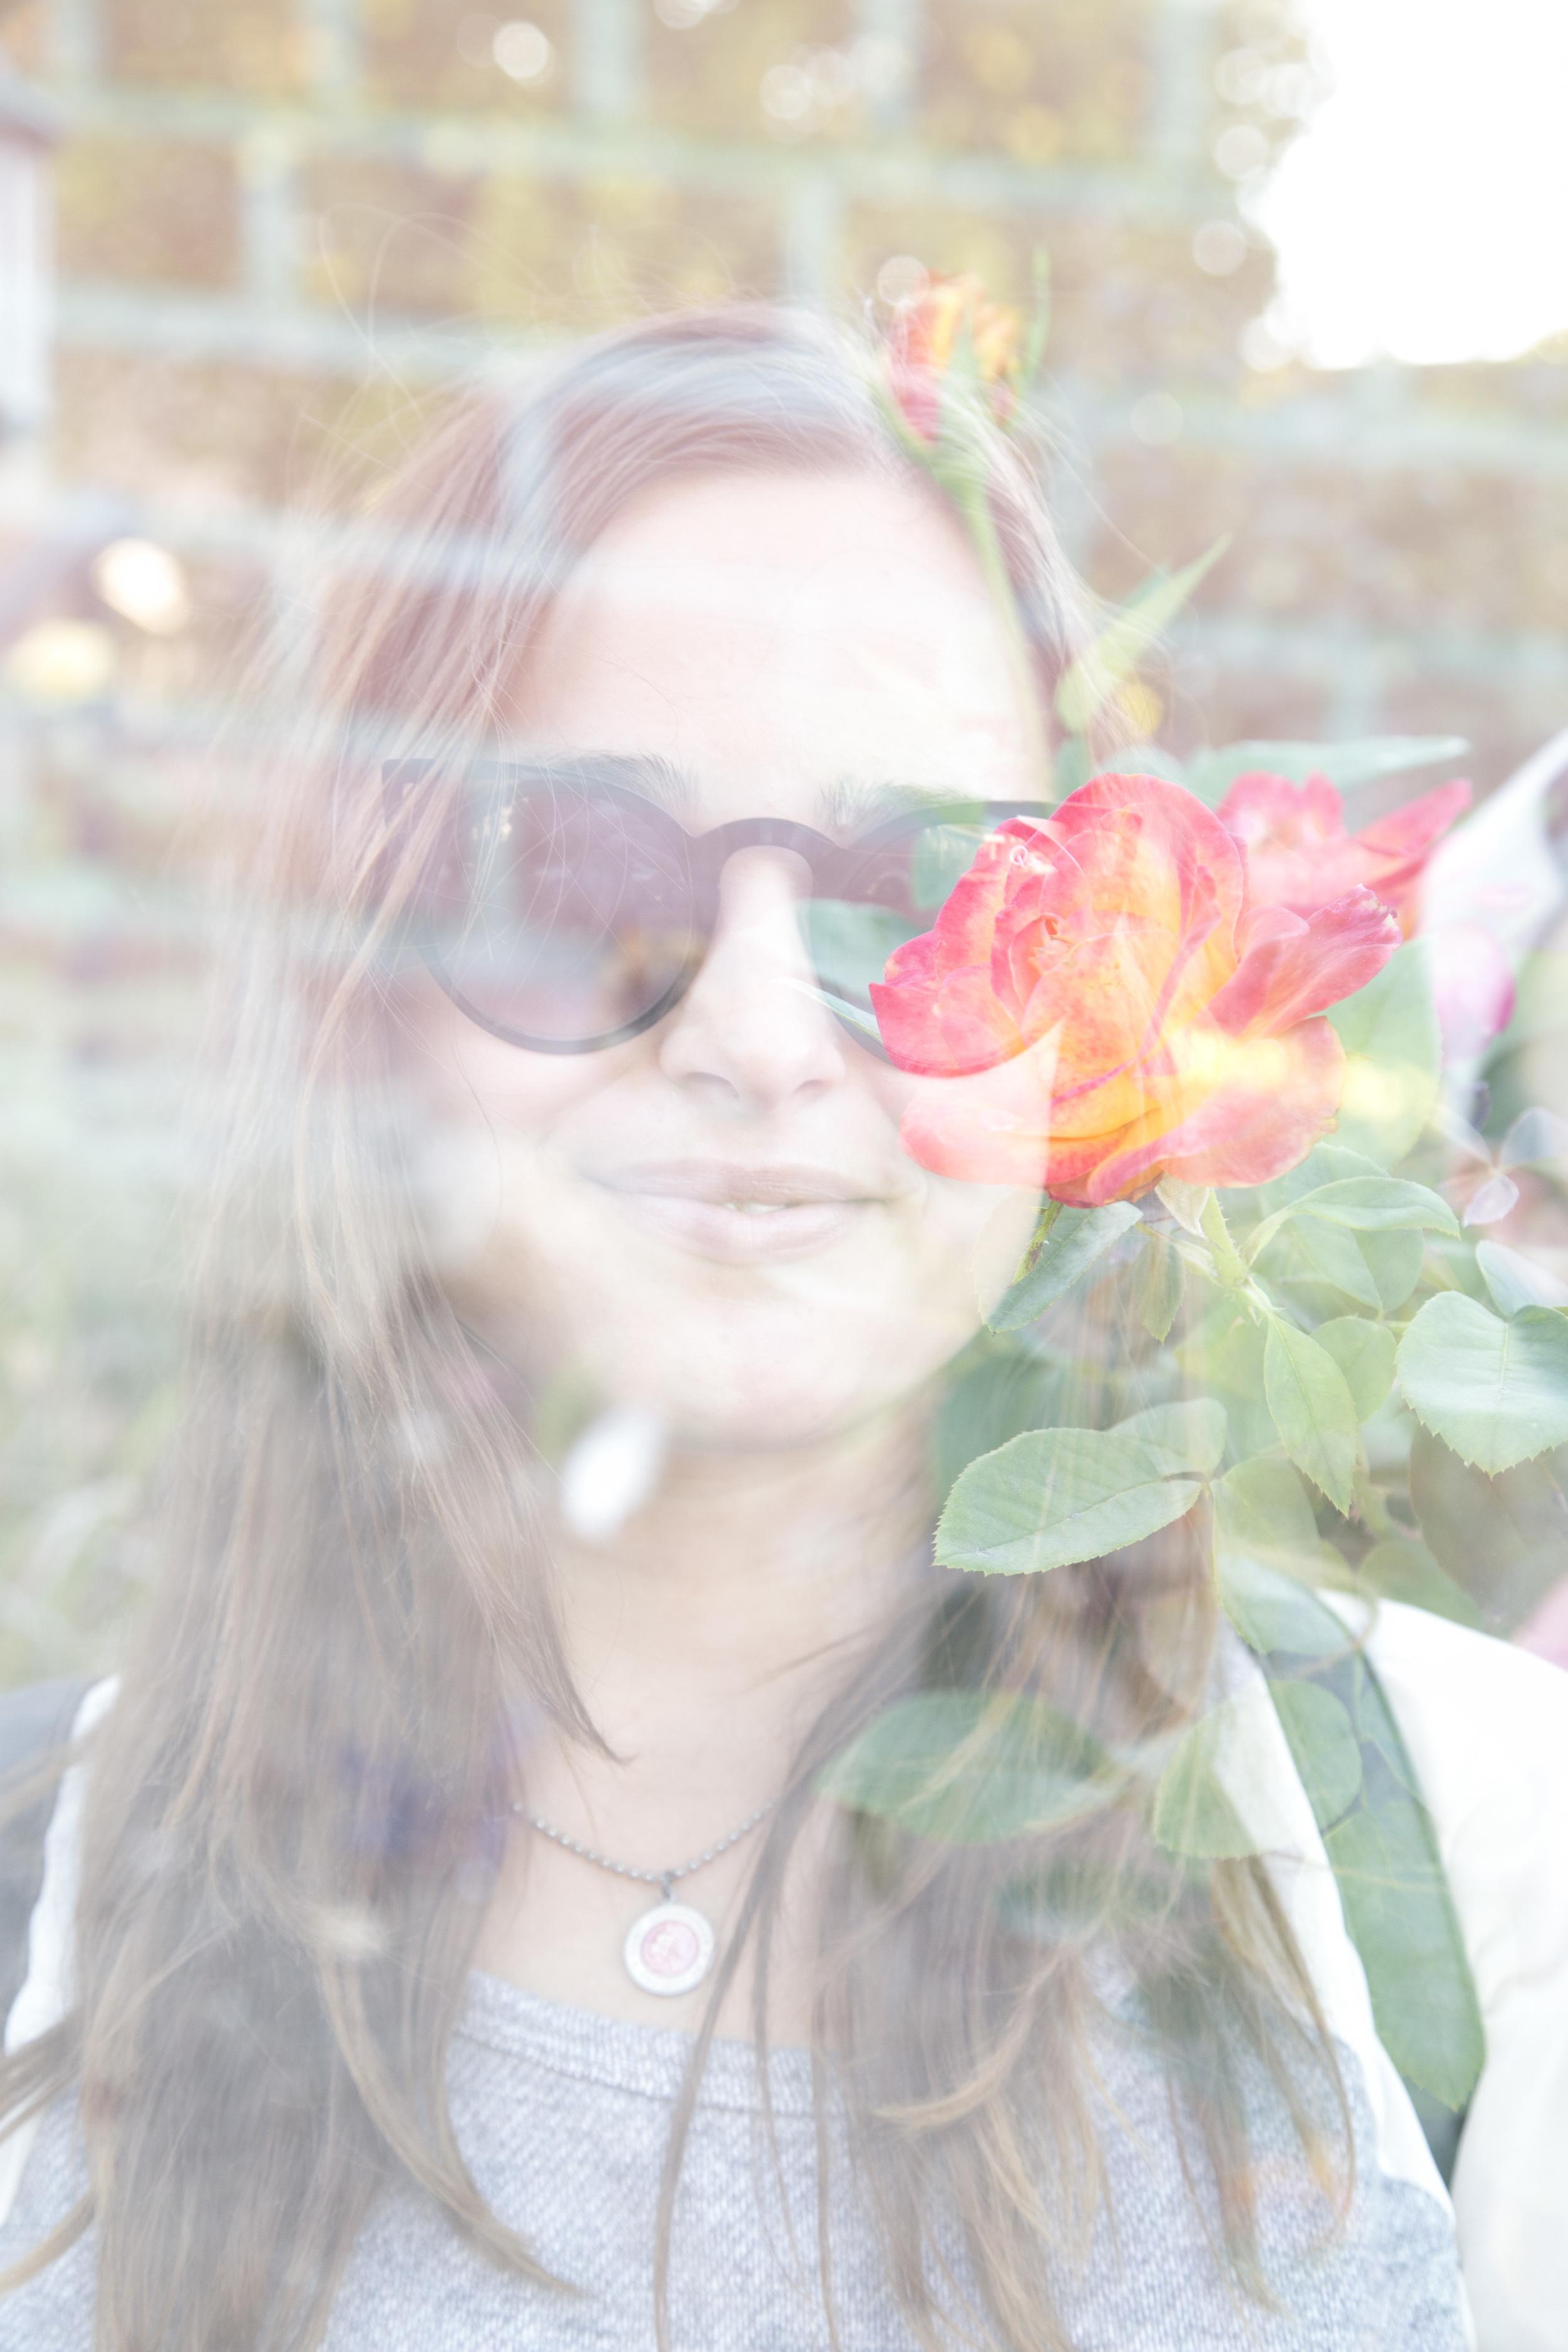 lauren-rose-IMG_4340.jpg